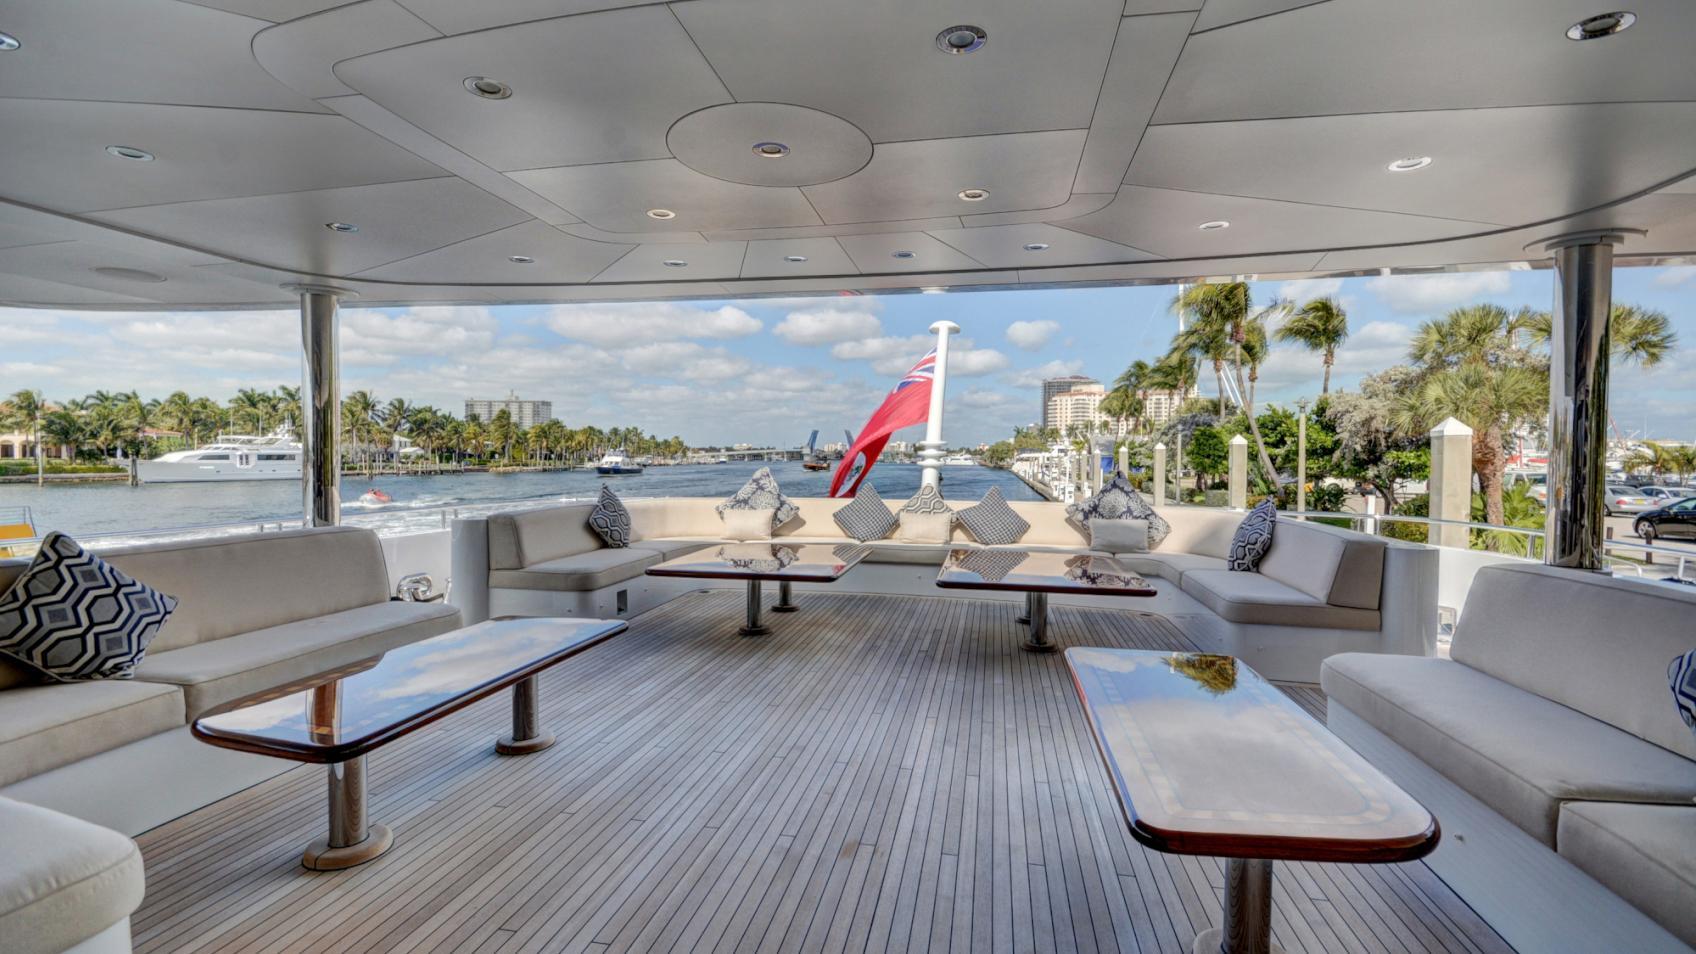 soverign motor yacht for sale deck